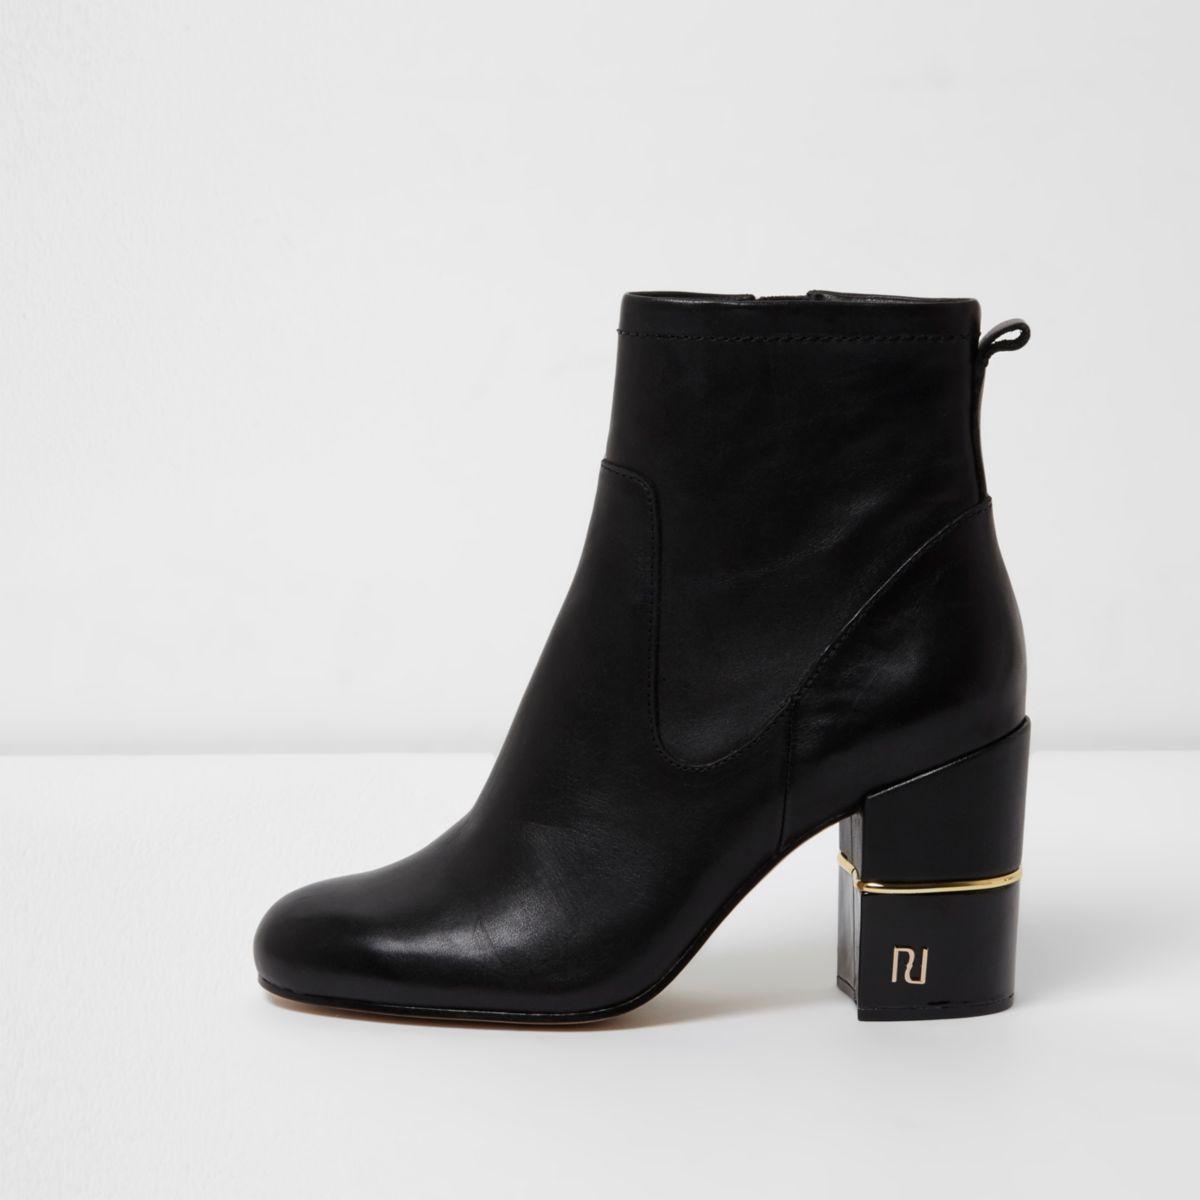 Schwarze Lederstiefel mit weiter Passform